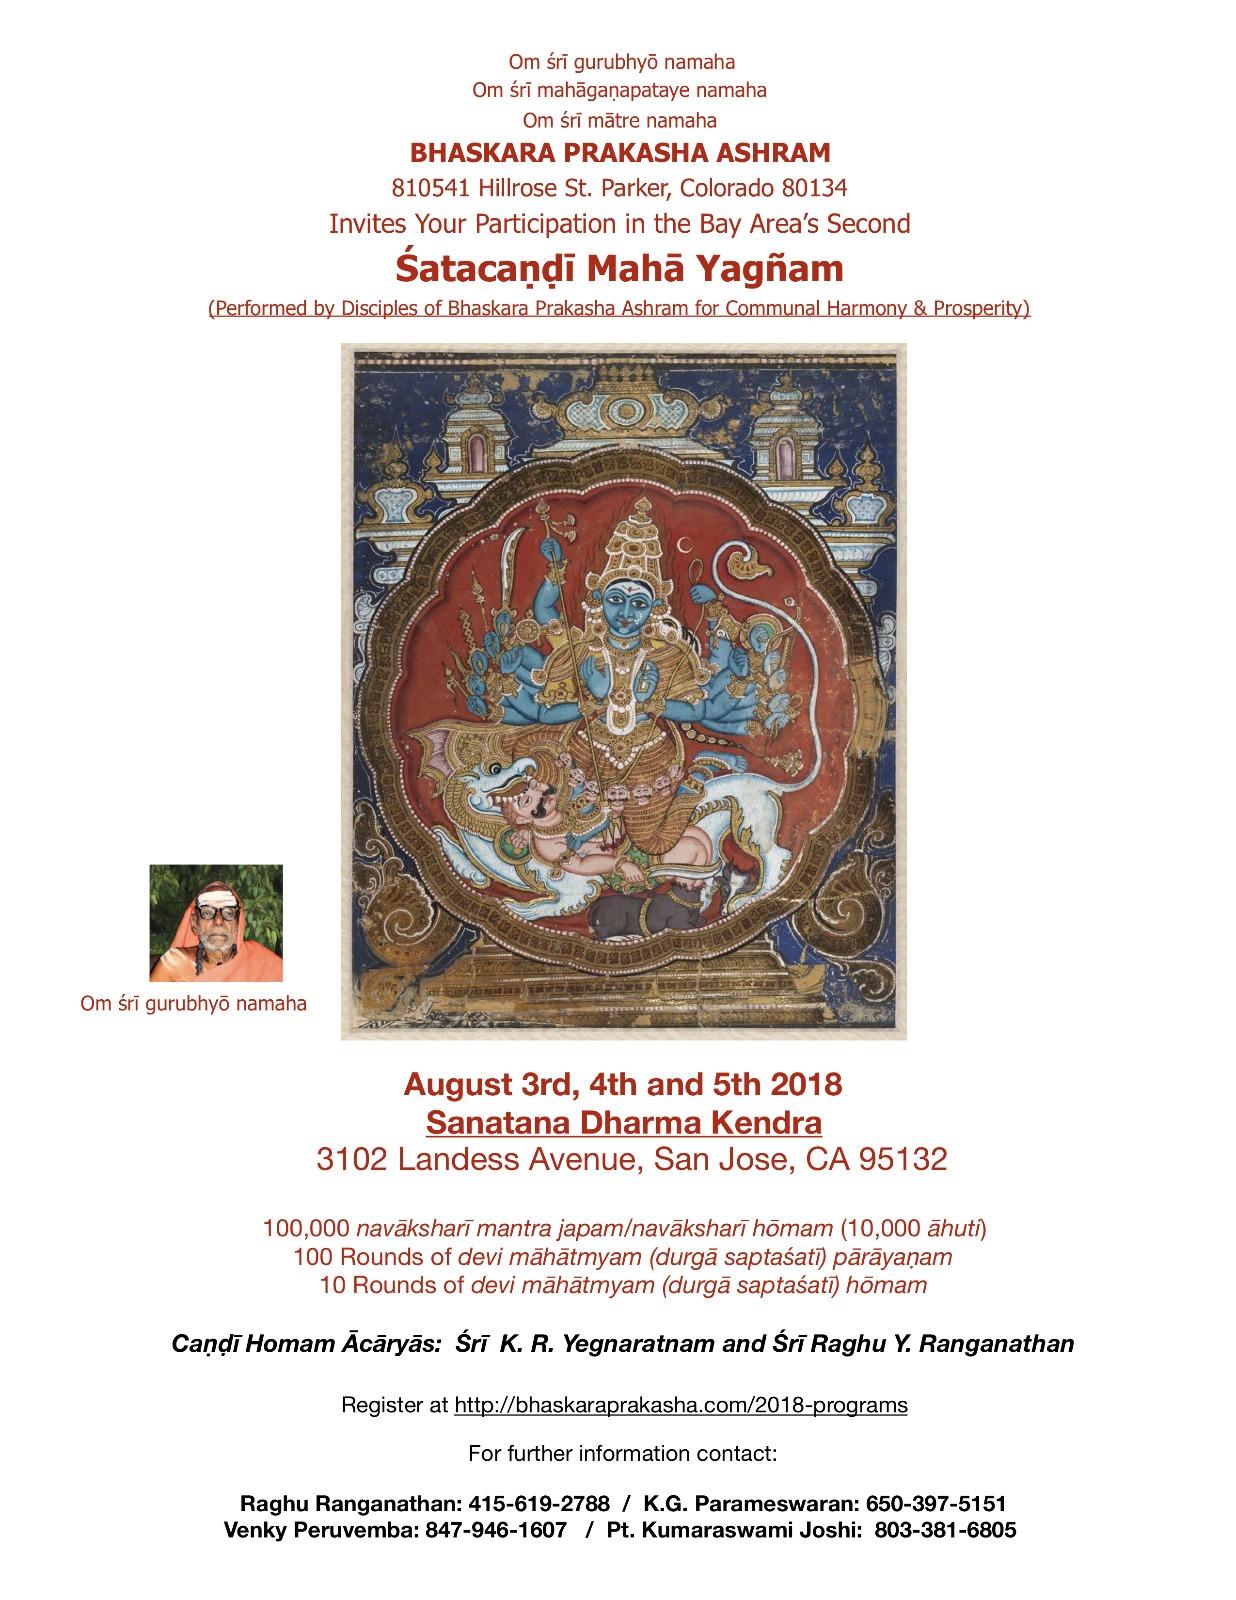 Shata Chandi Maha Yagnam in San Jose - August 03, 04 & 05